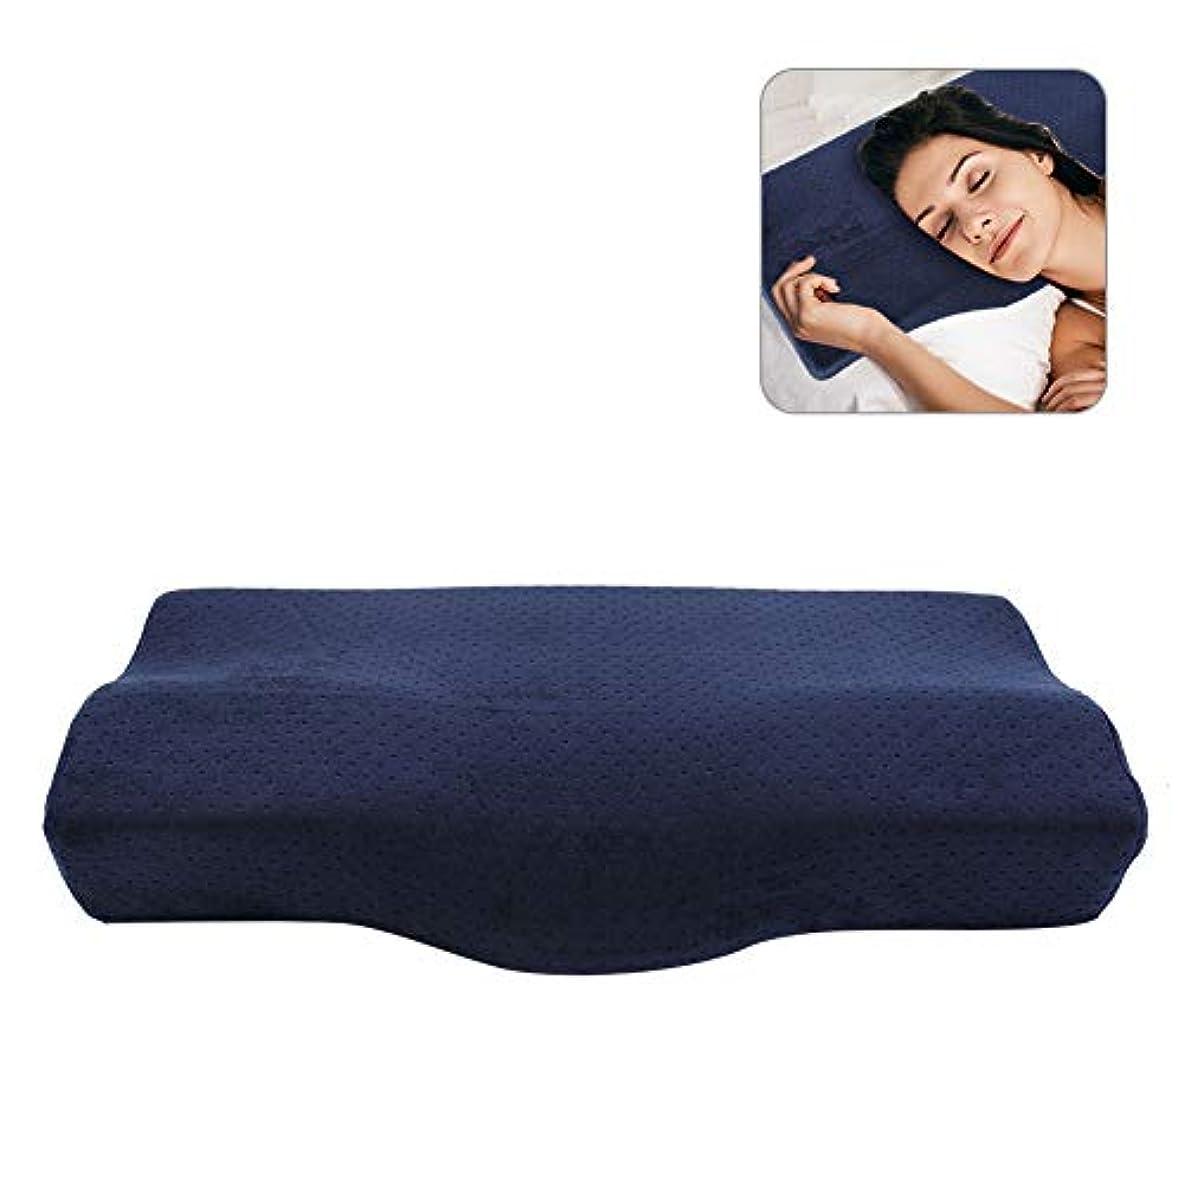 カバレッジ側ステープル枕 安眠 低反発枕 肩こり対策 頸椎サポート 肩こり対策 首?頭?肩 子供 大人向き 美容院&グラフトまつげ (ダークブルー)